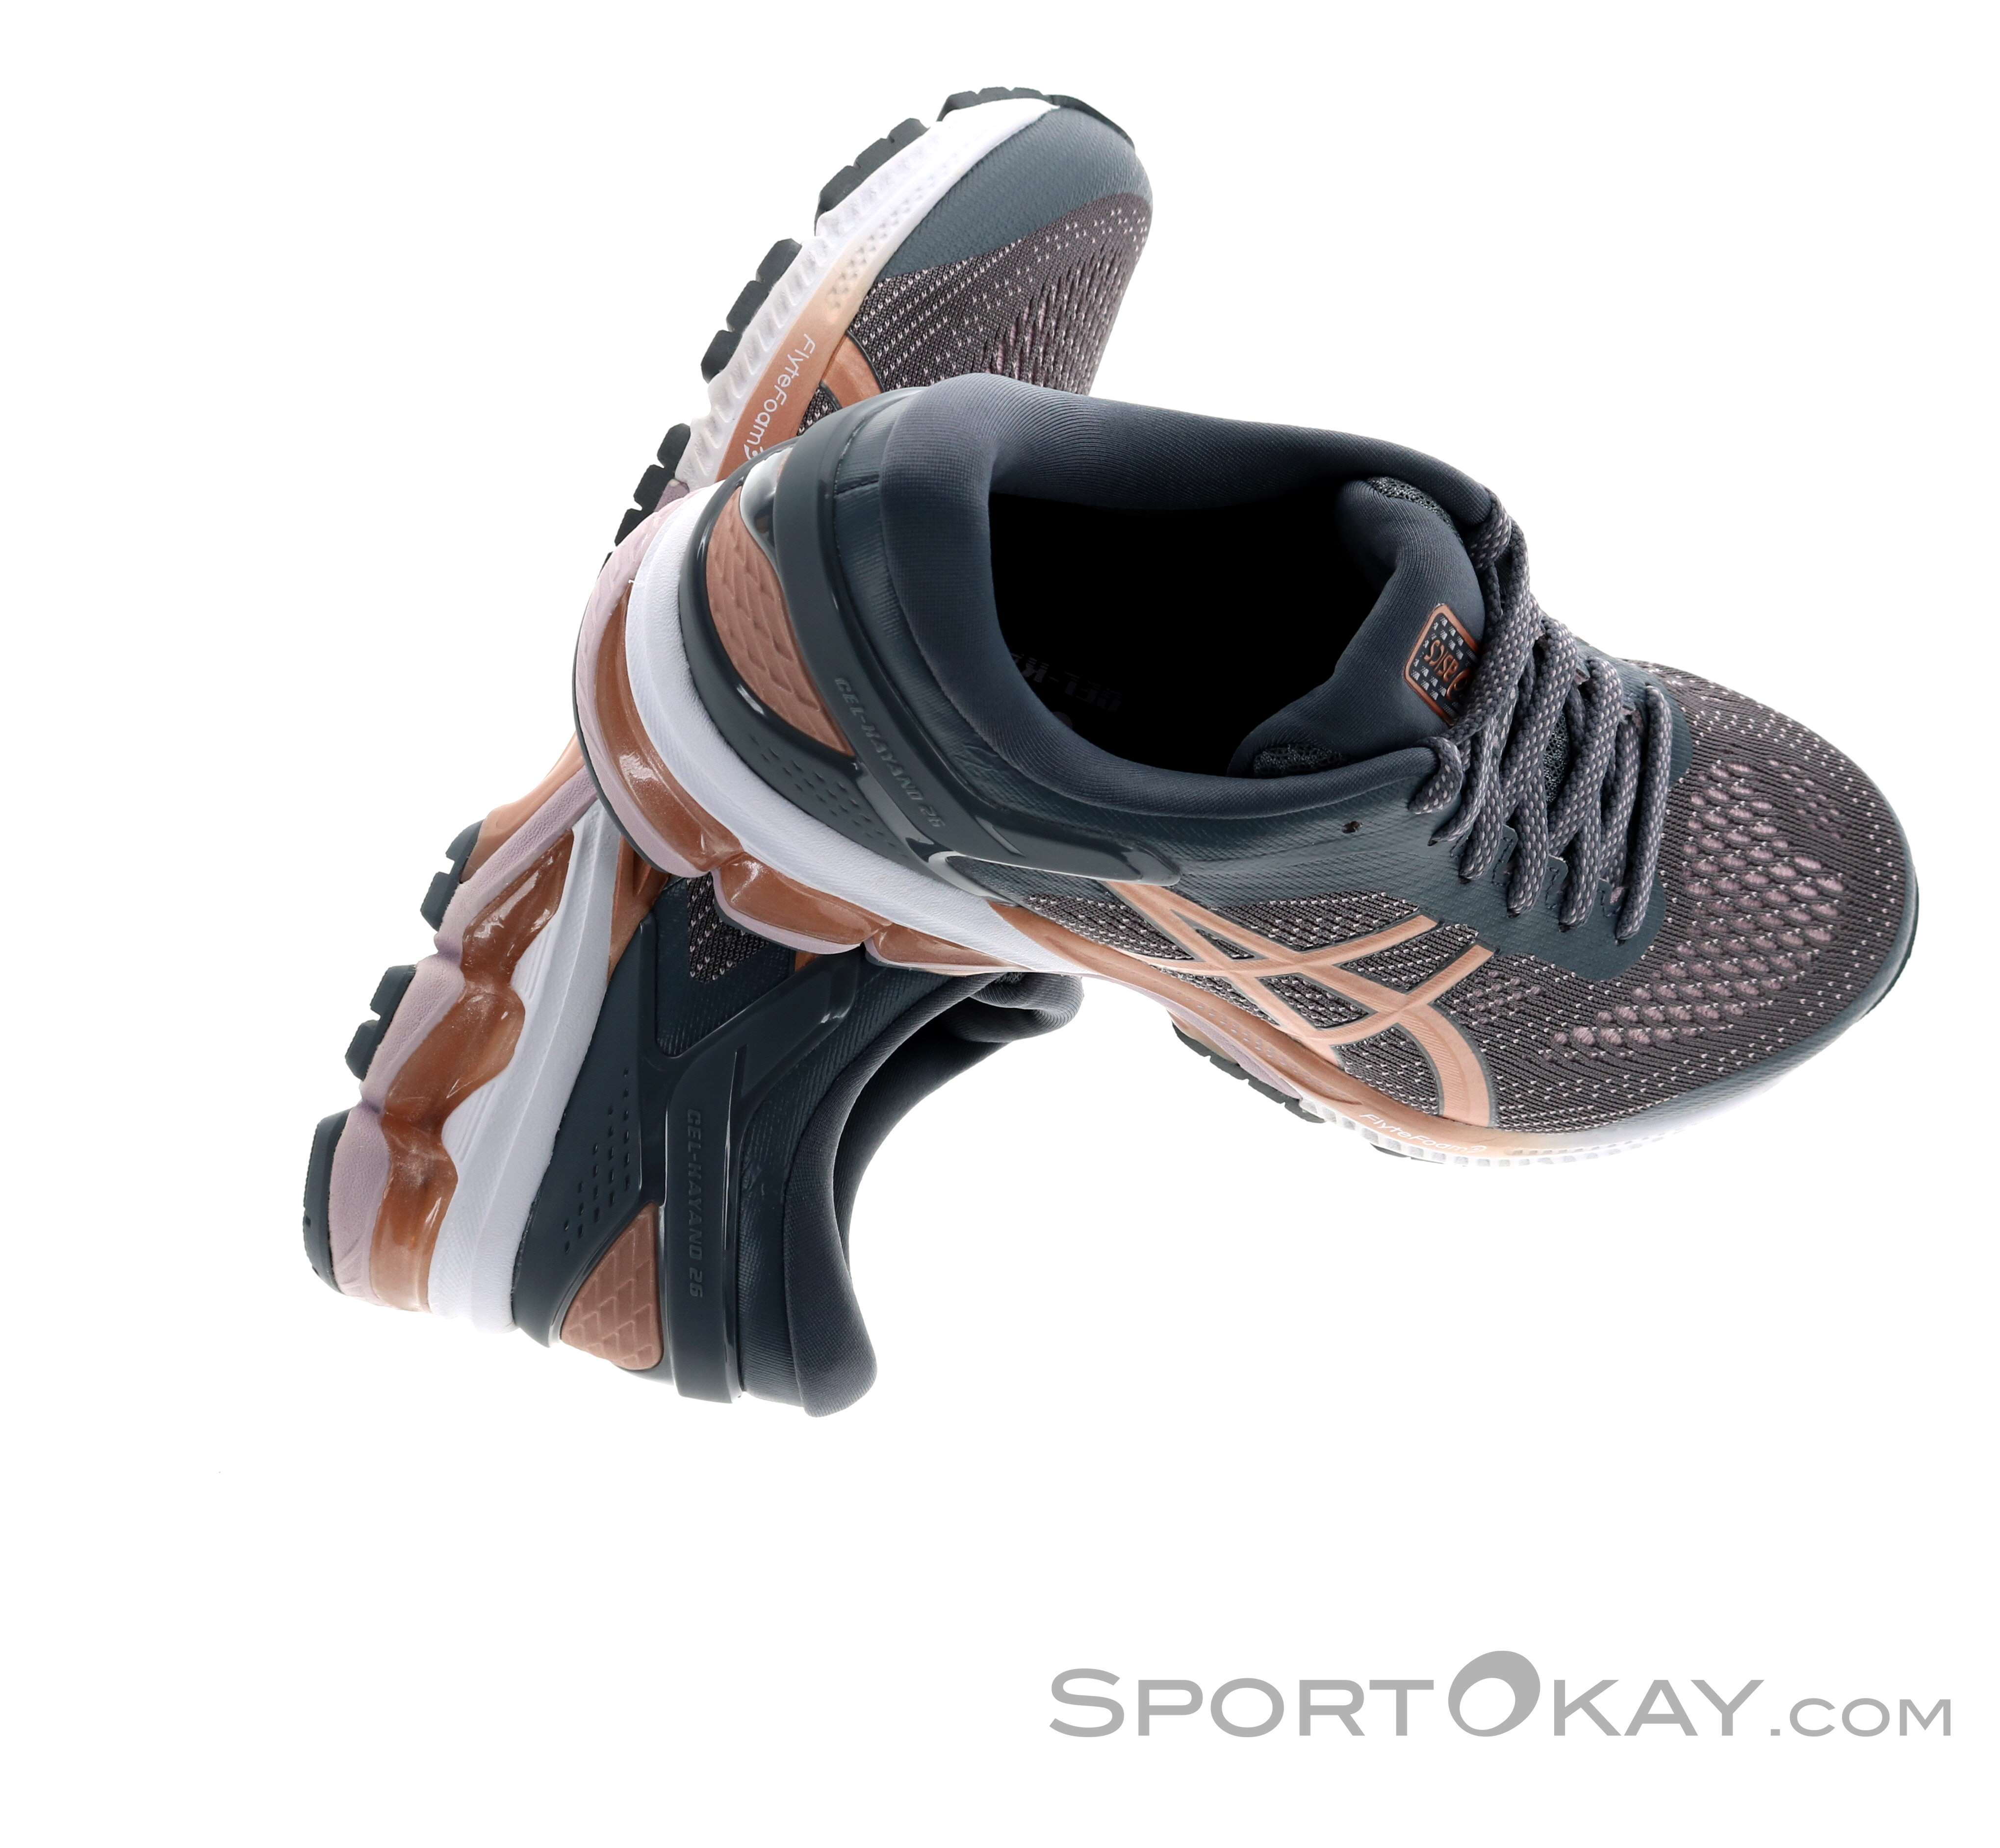 Asics Asics Gel Kayano 26 Womens Running Shoes